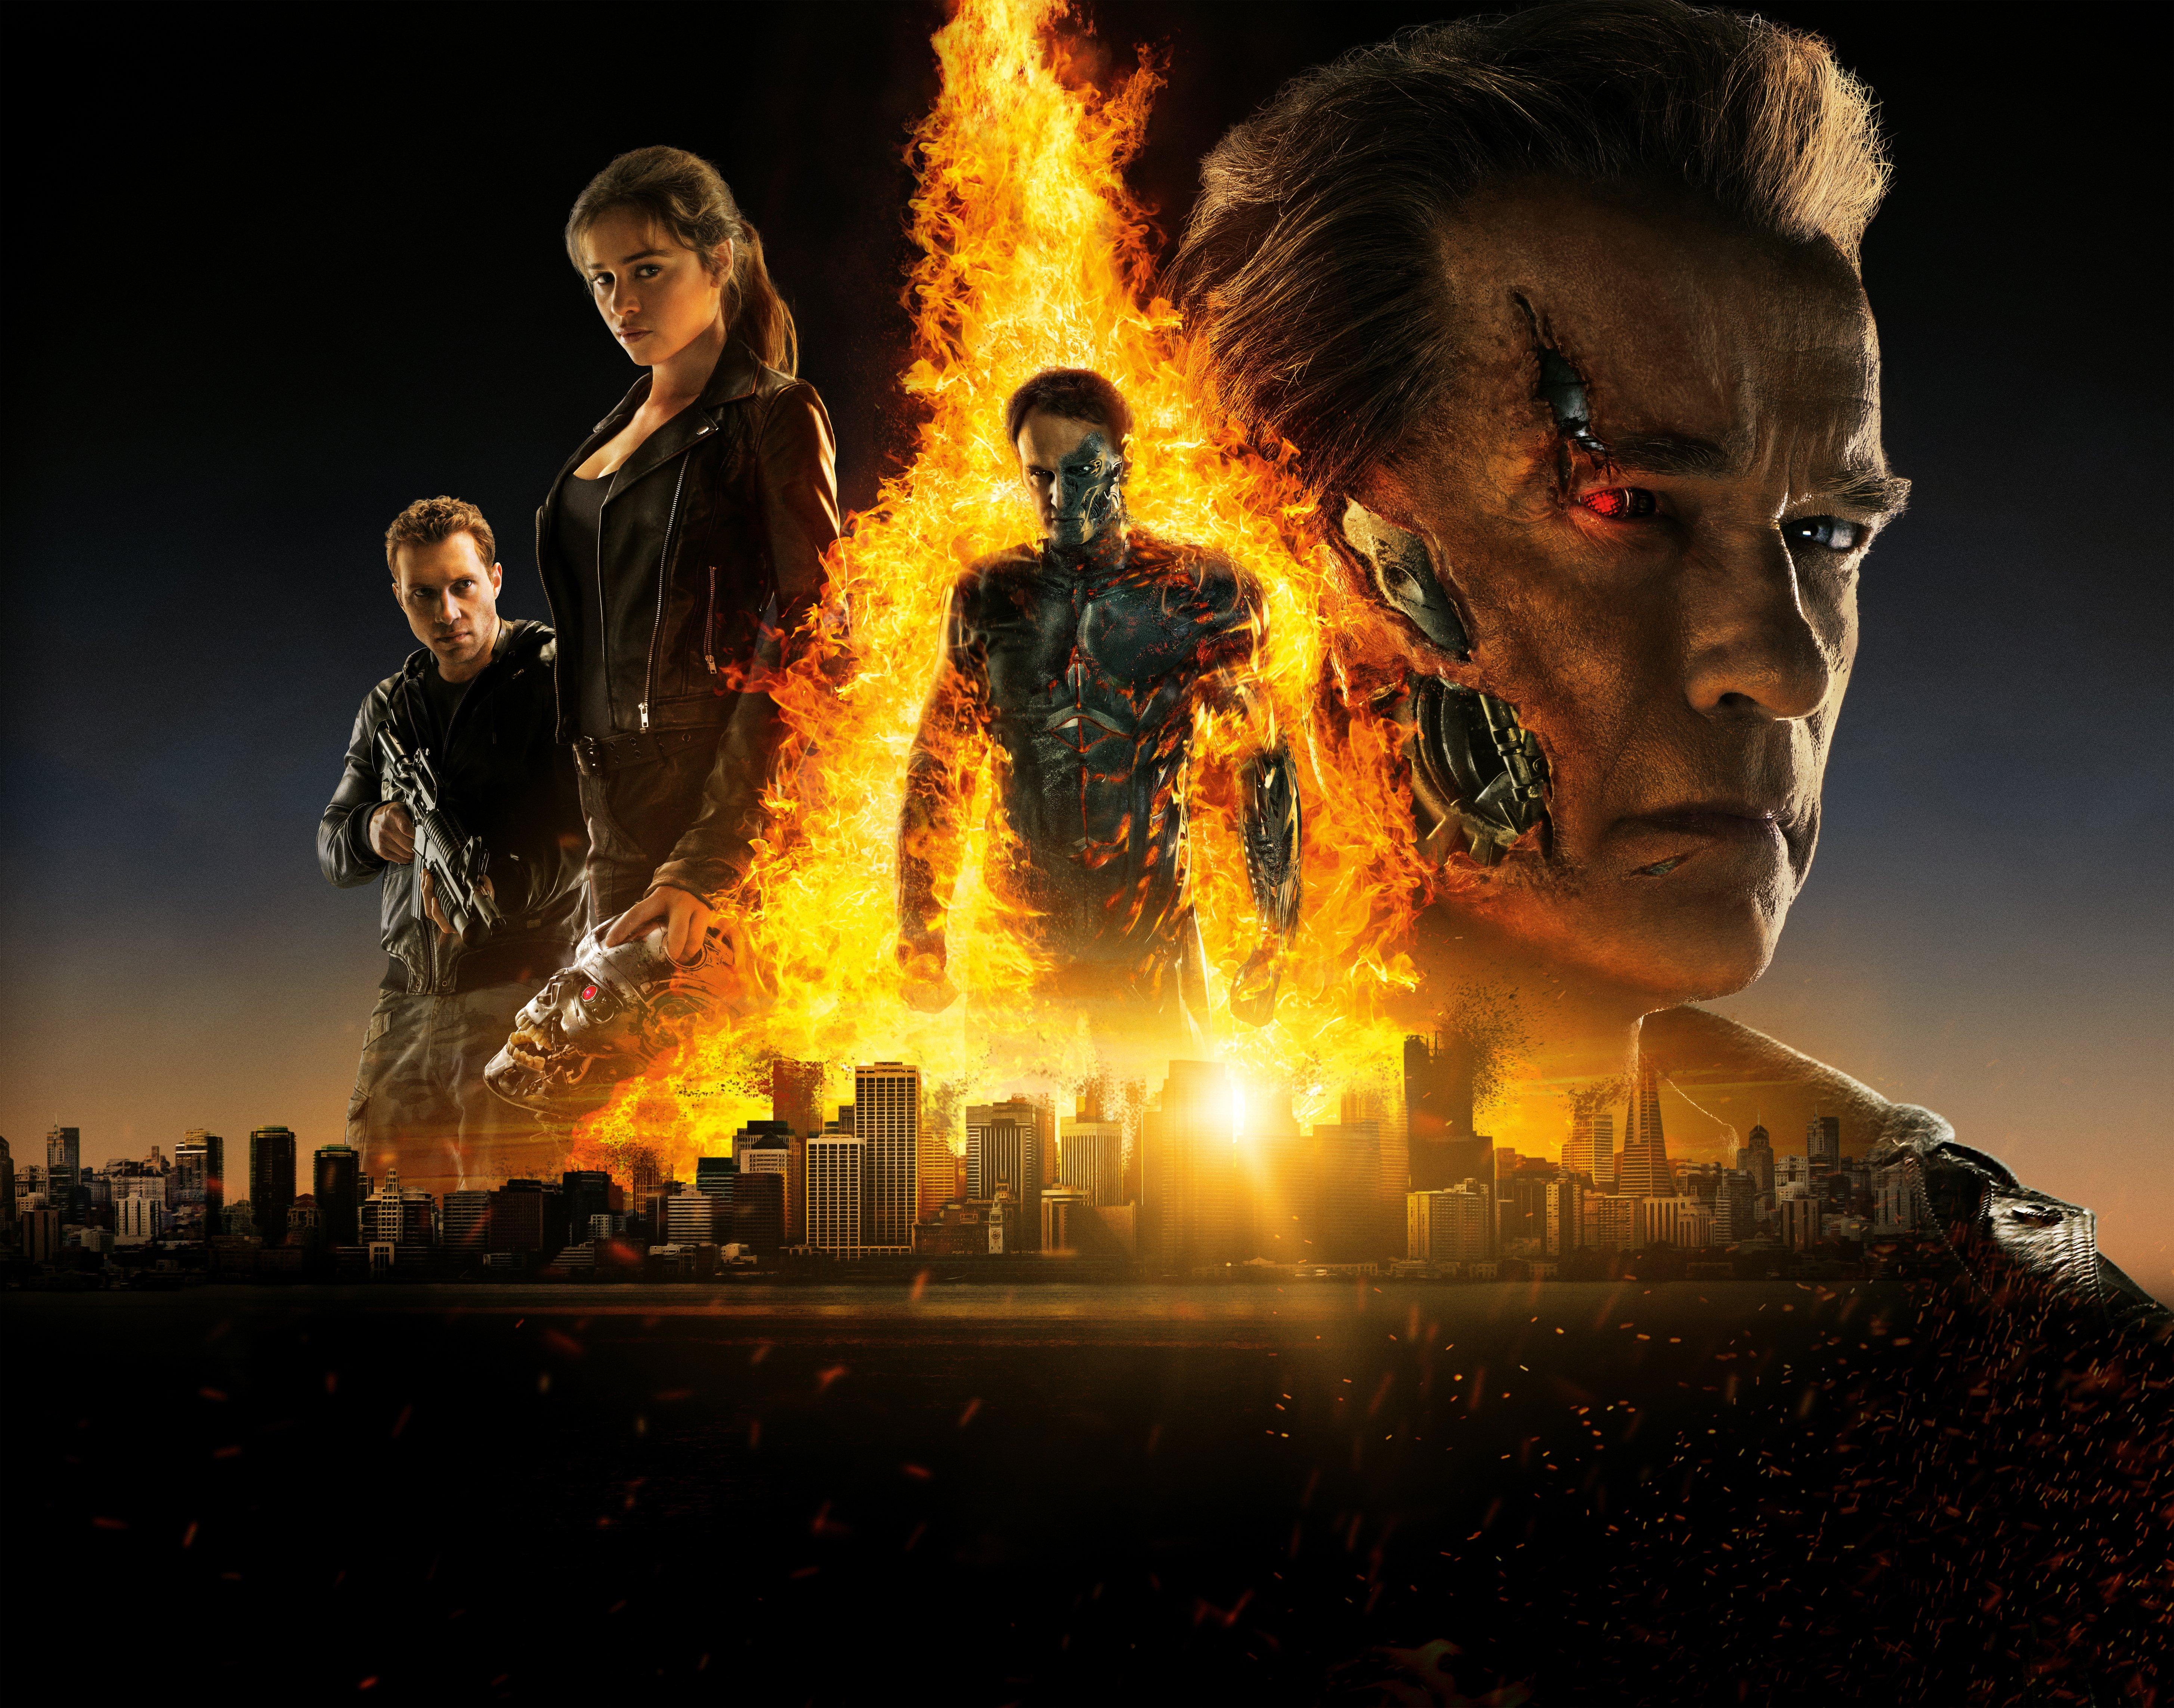 Fondos de pantalla Terminator Génesis 2021